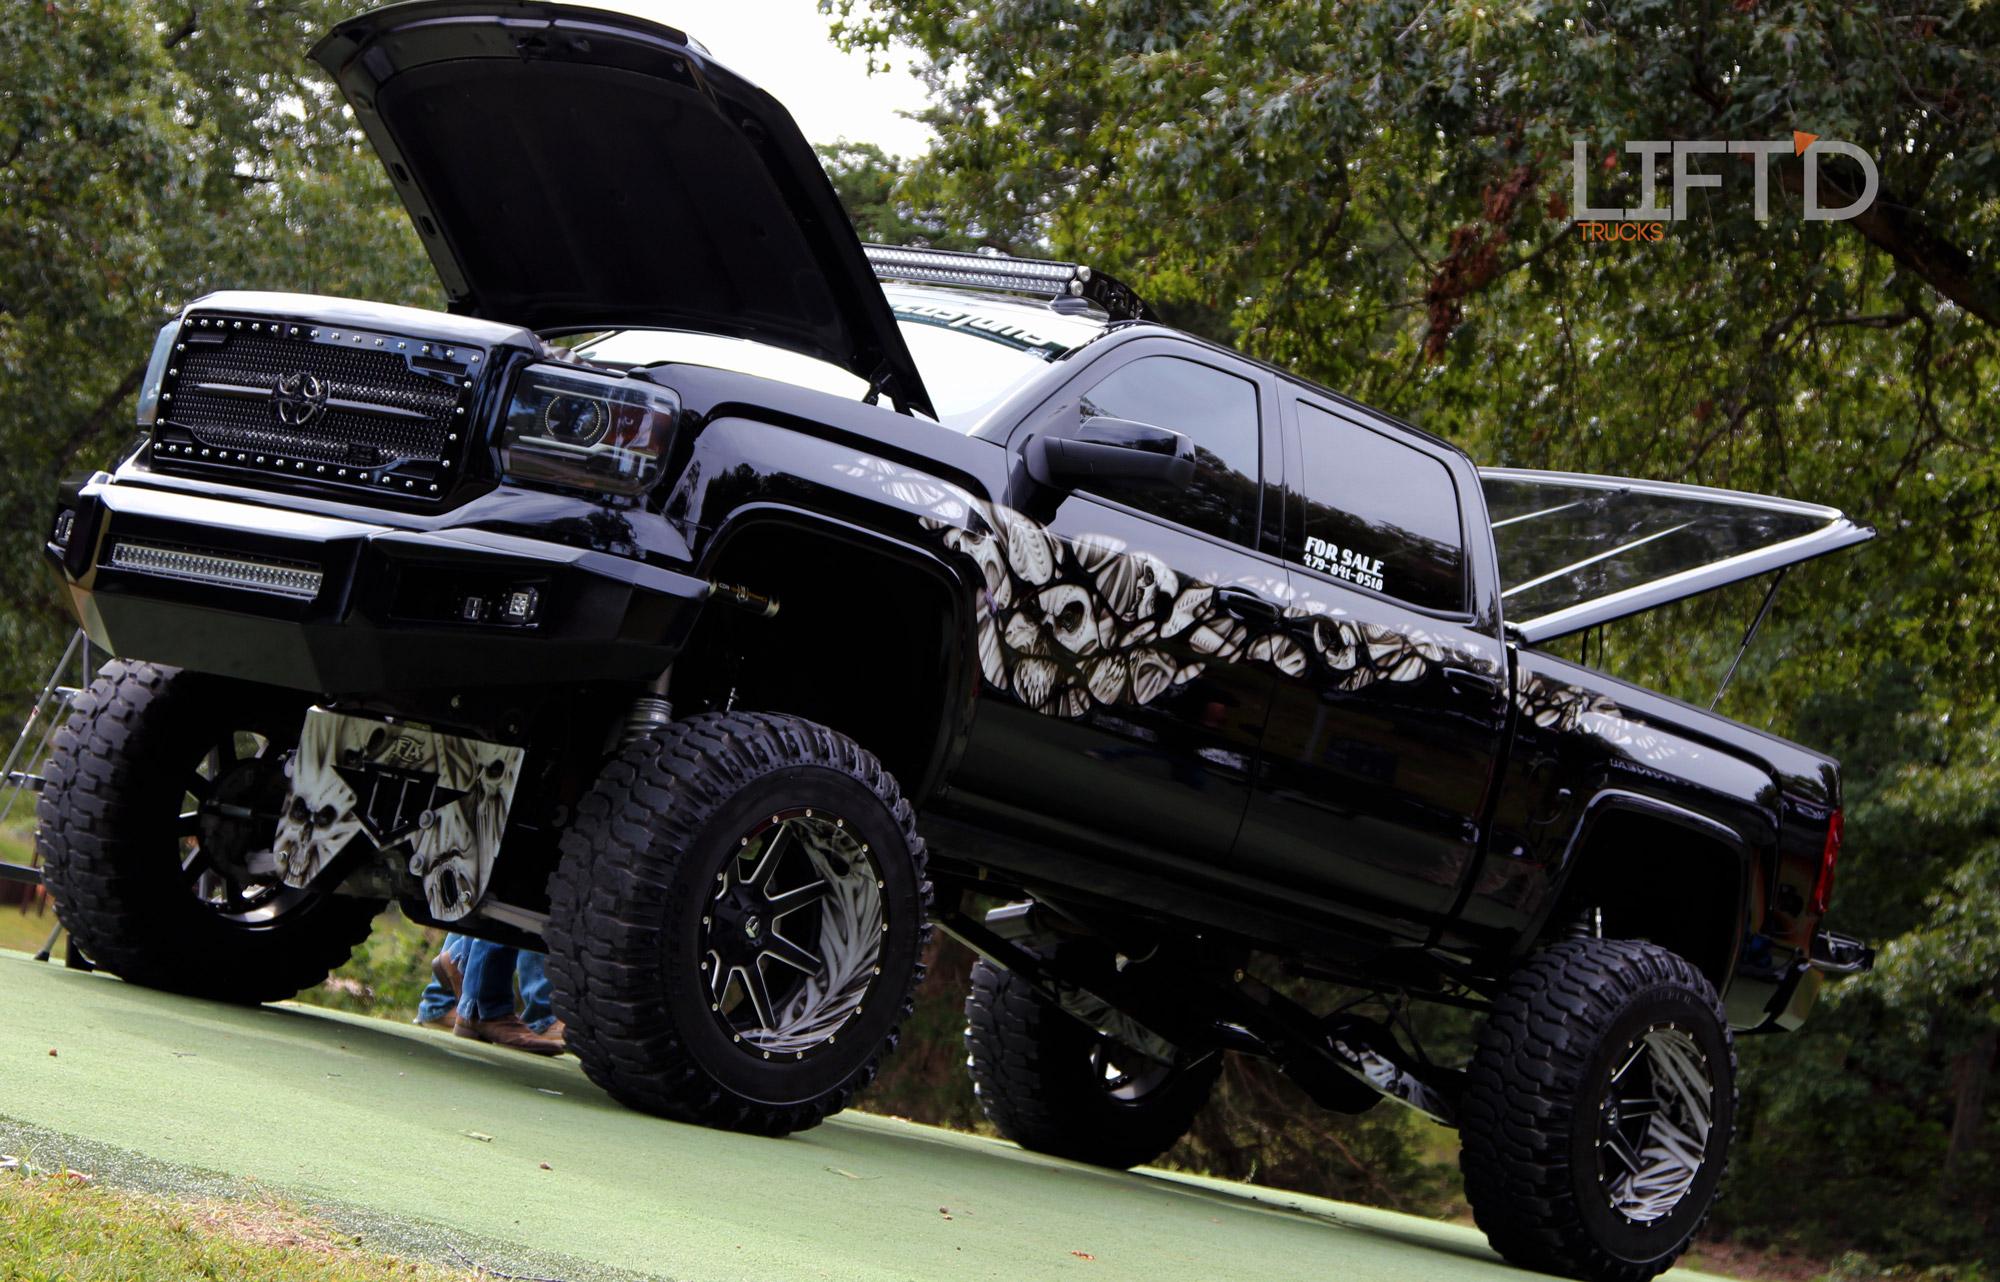 LIFTD-TruckNat-83